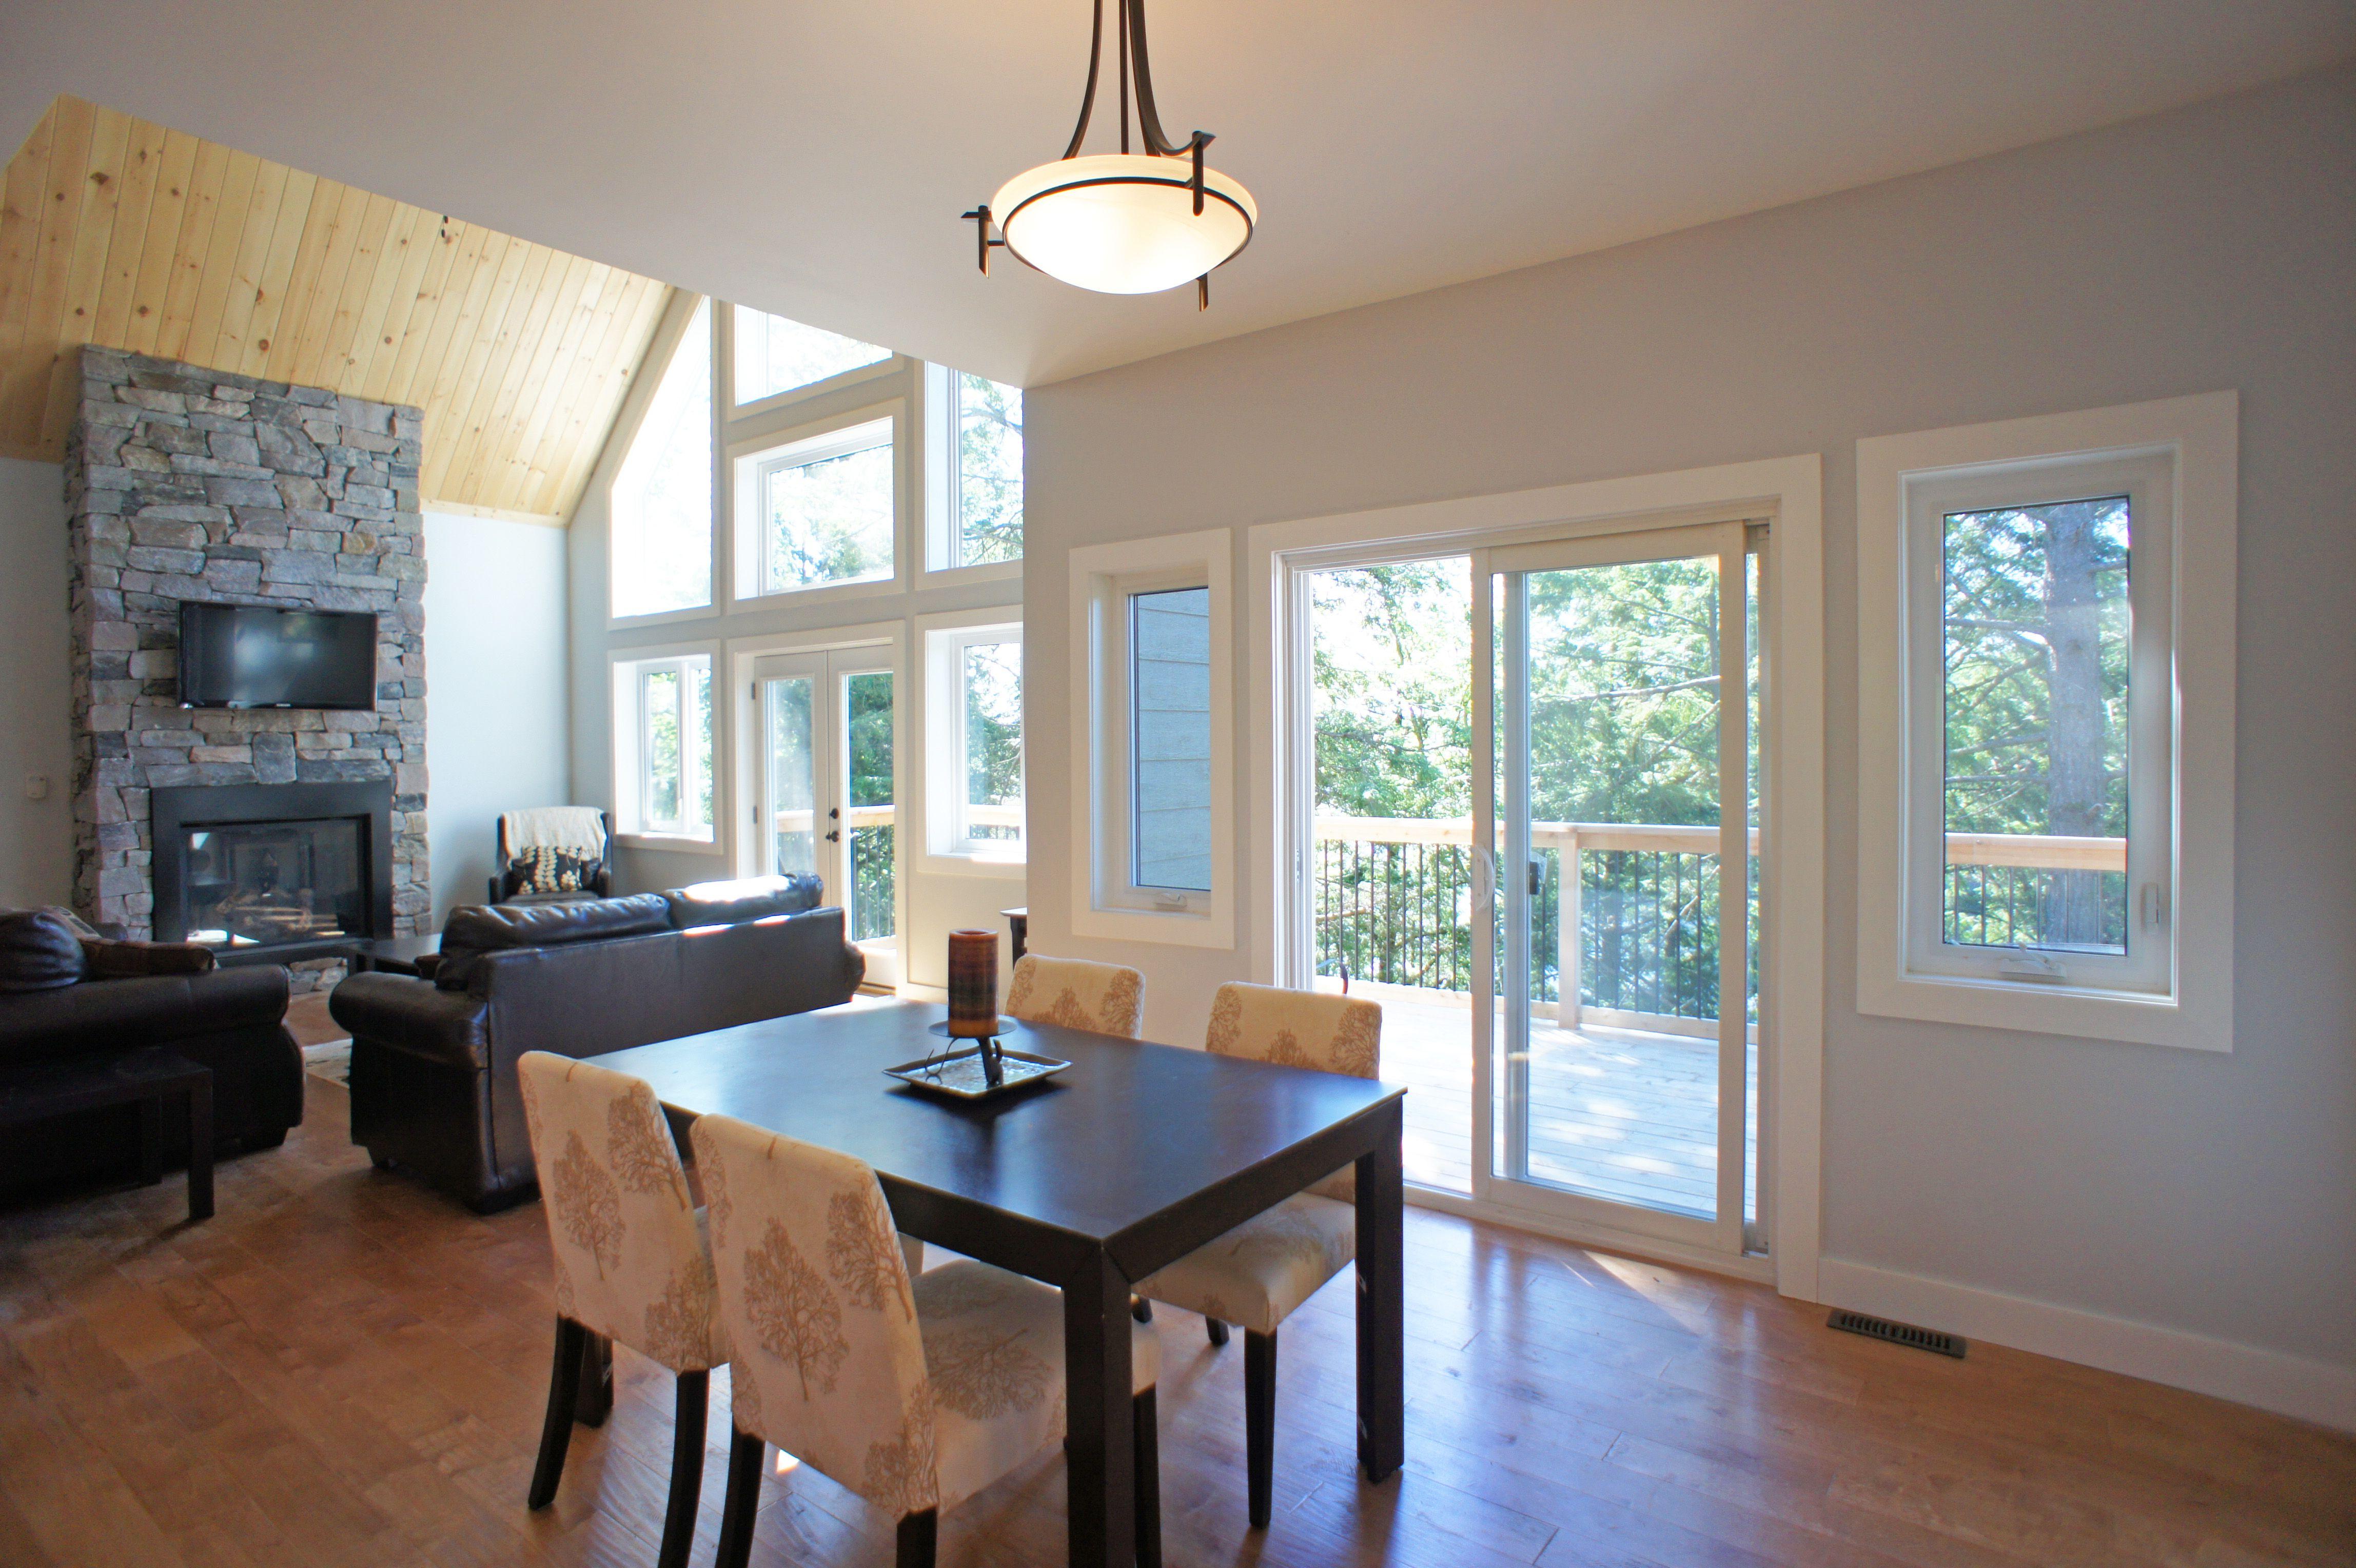 cottagelife cottage airbnb airbnclean haliburton